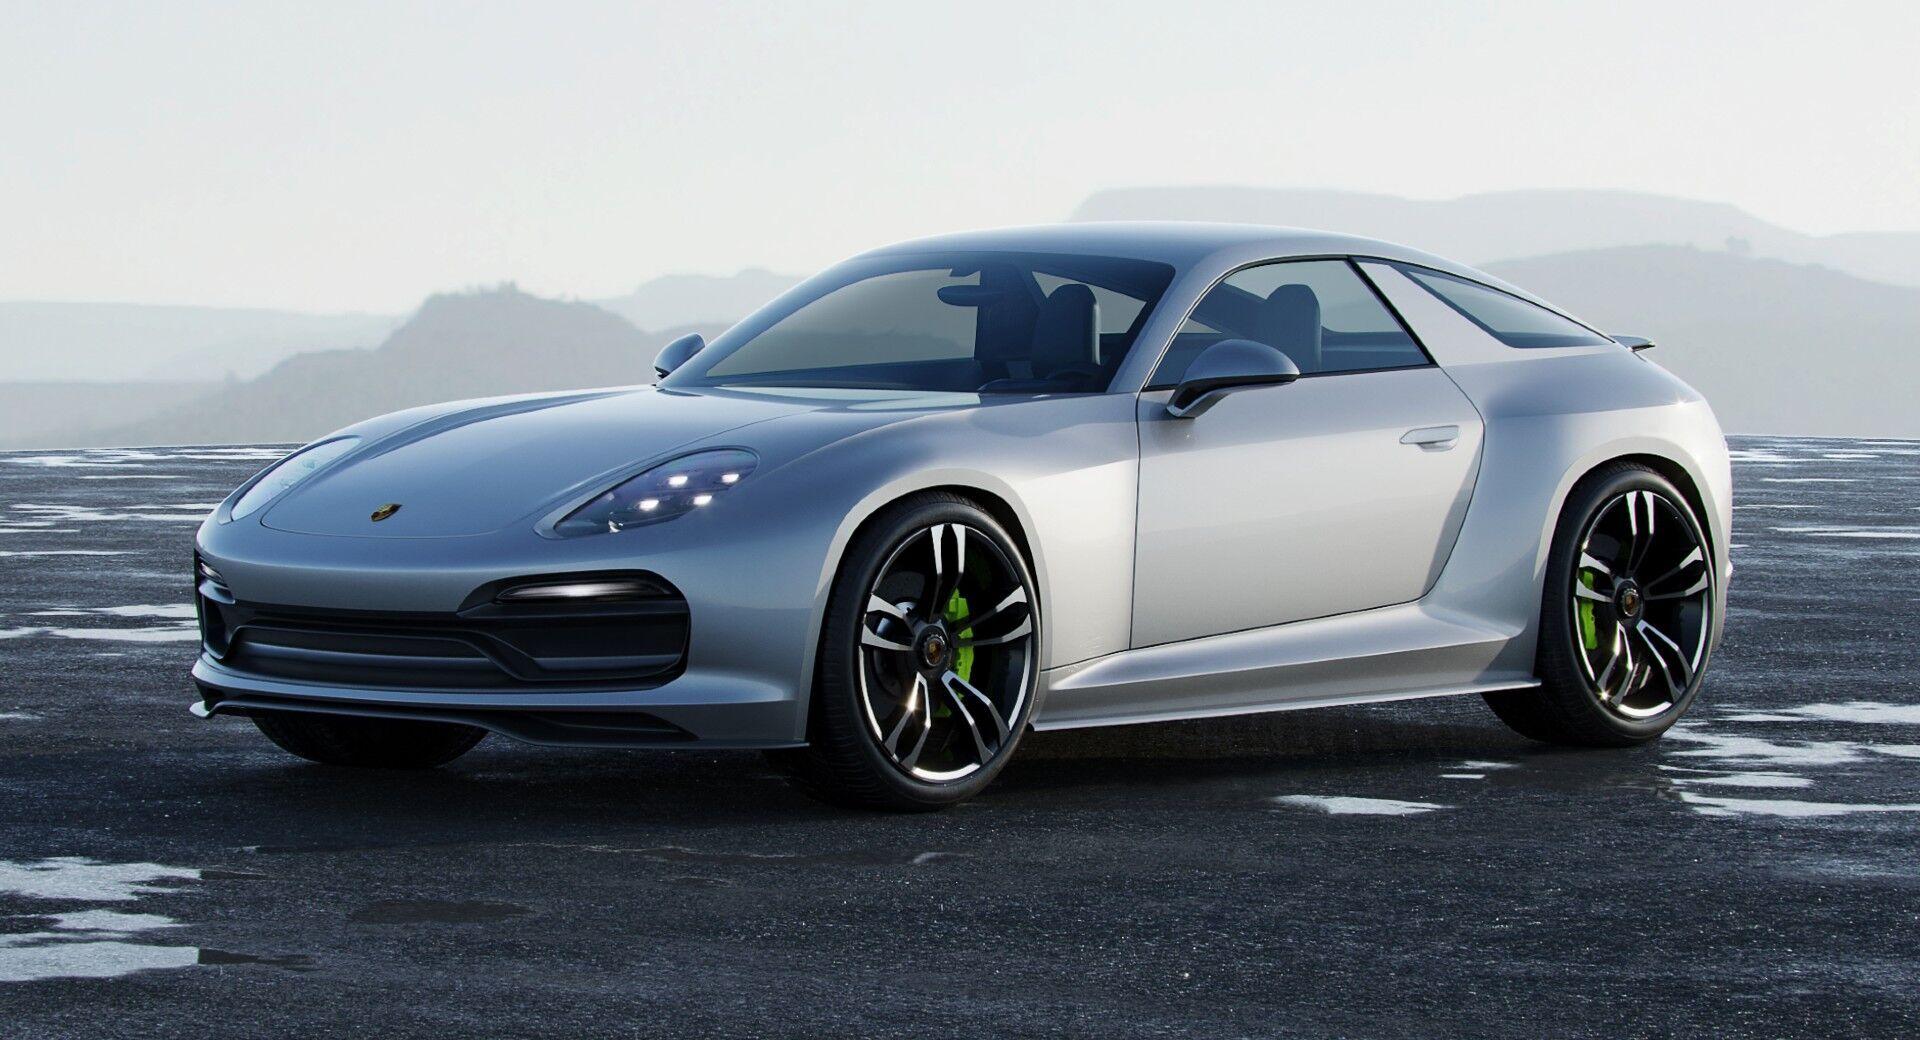 """Фари виконані за мотивами сучасних моделей Porsche із """"квартетом"""" світлодіодів у кожній із фар"""